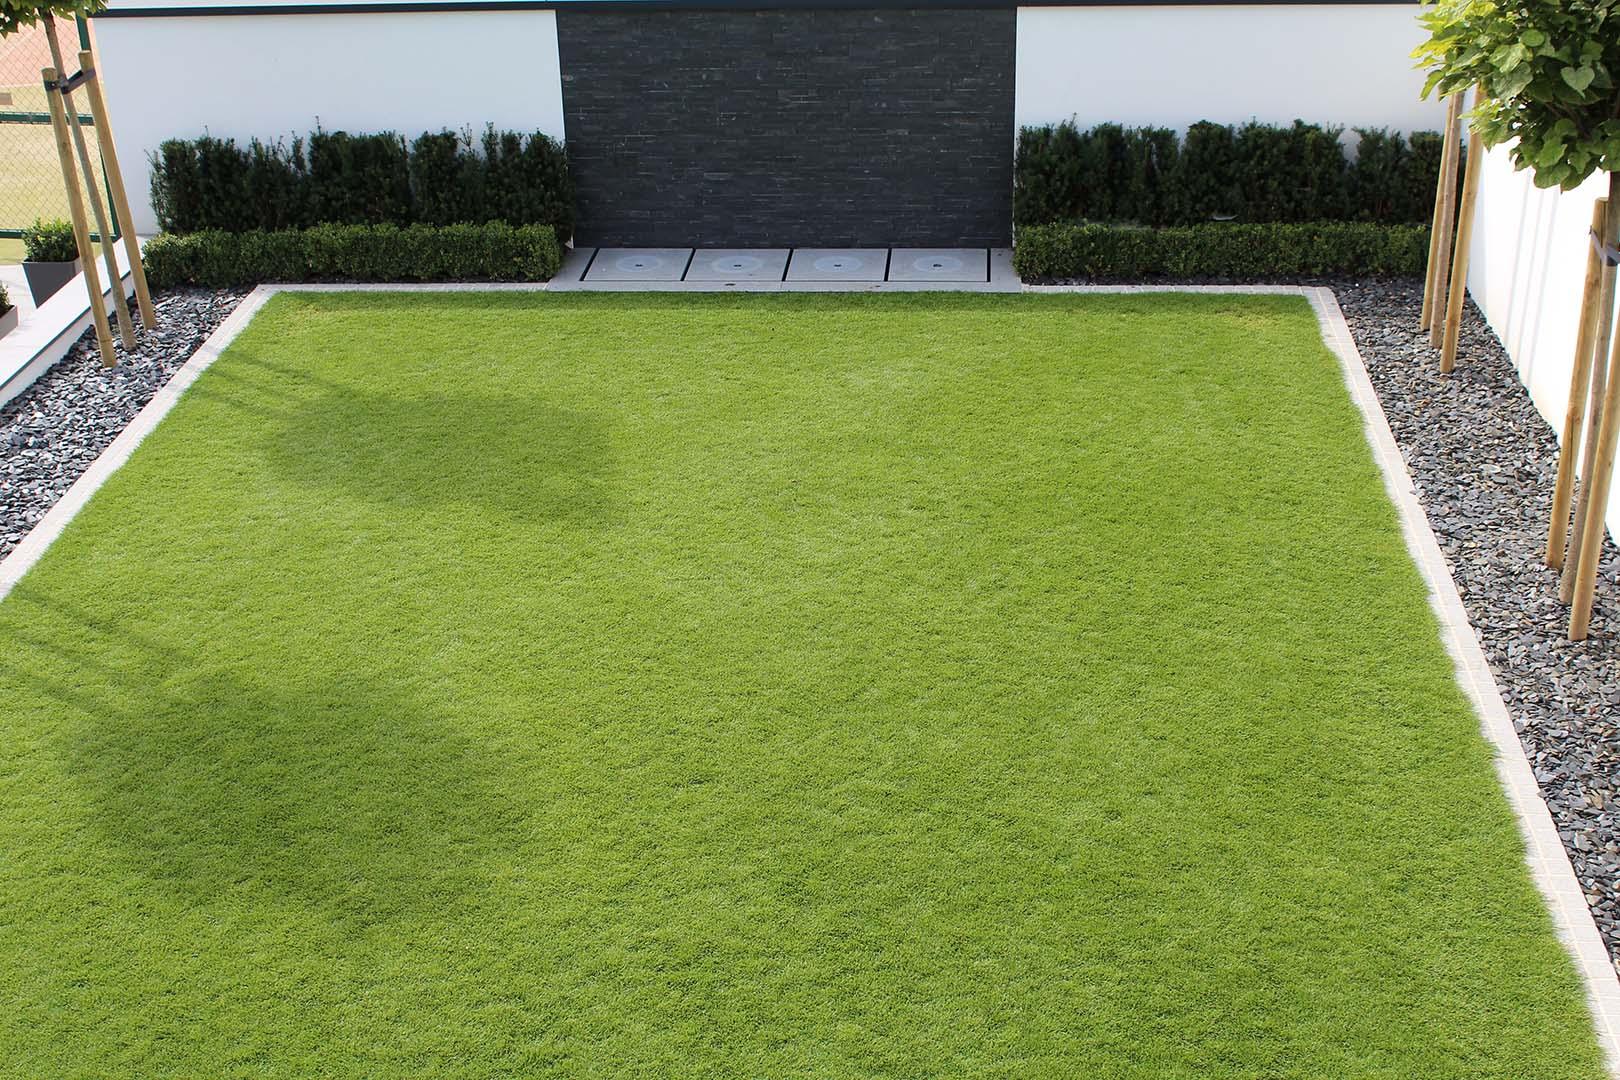 Gartendesign Rasenfläche